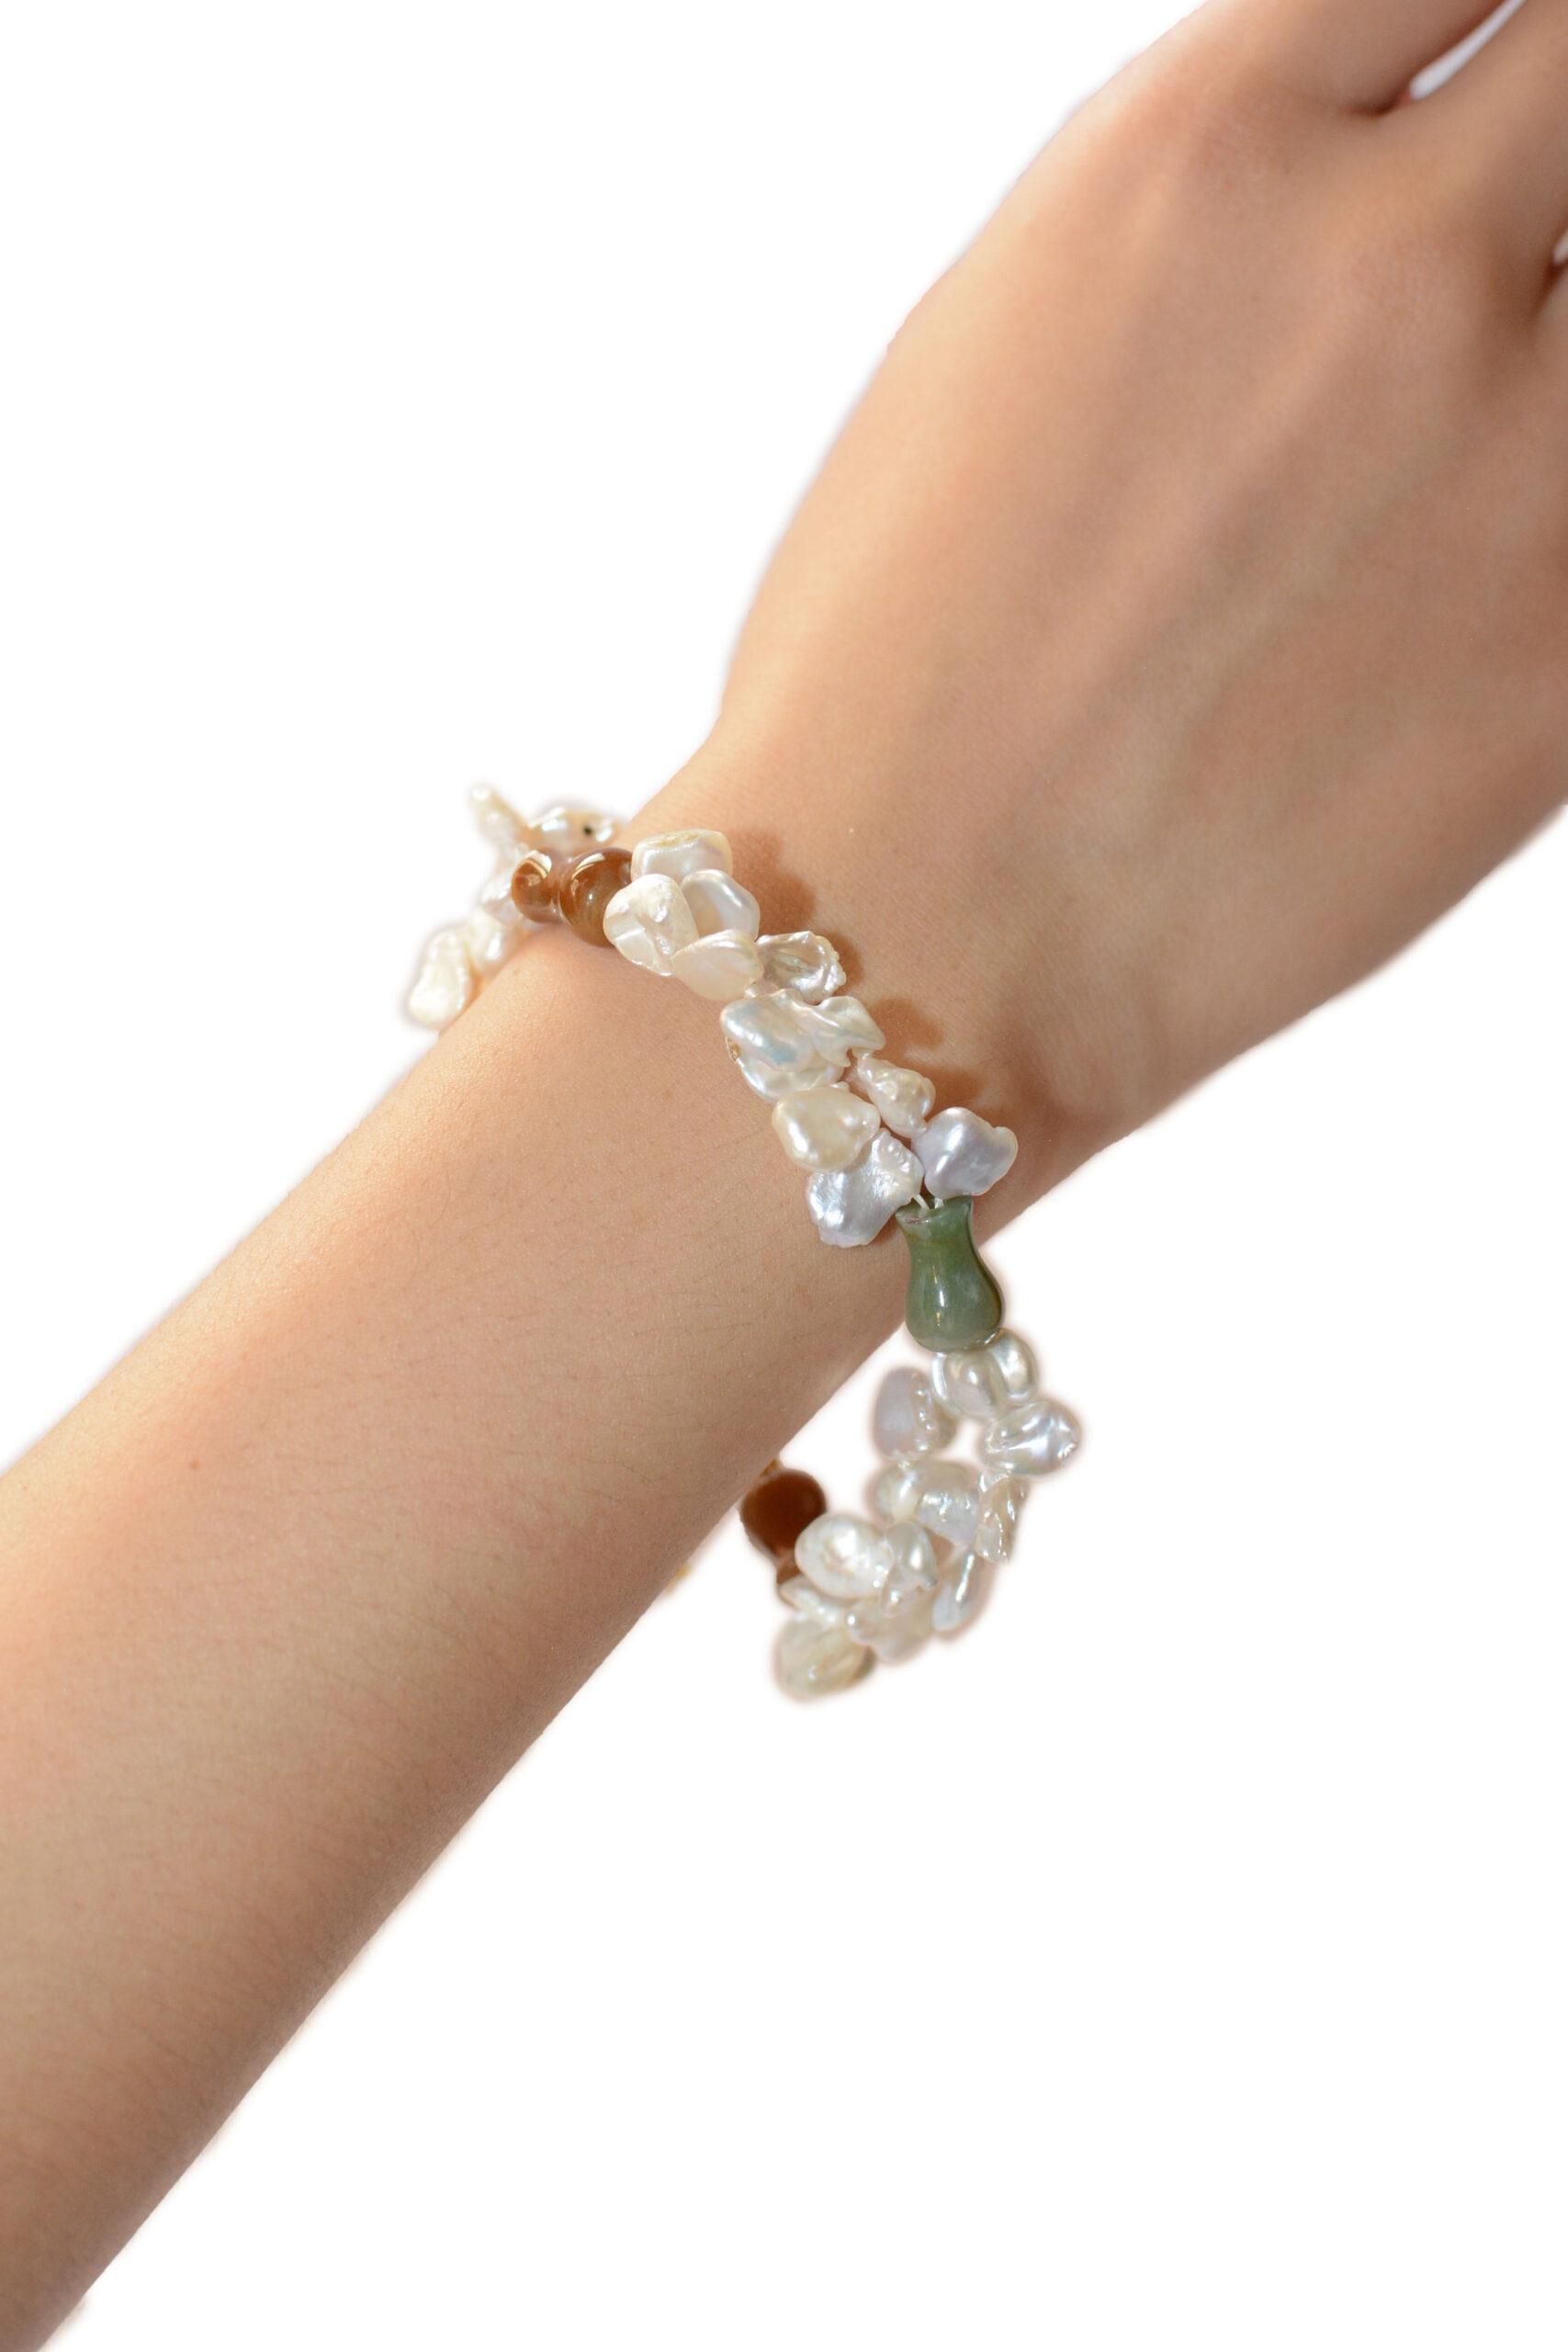 About Time Bracelet